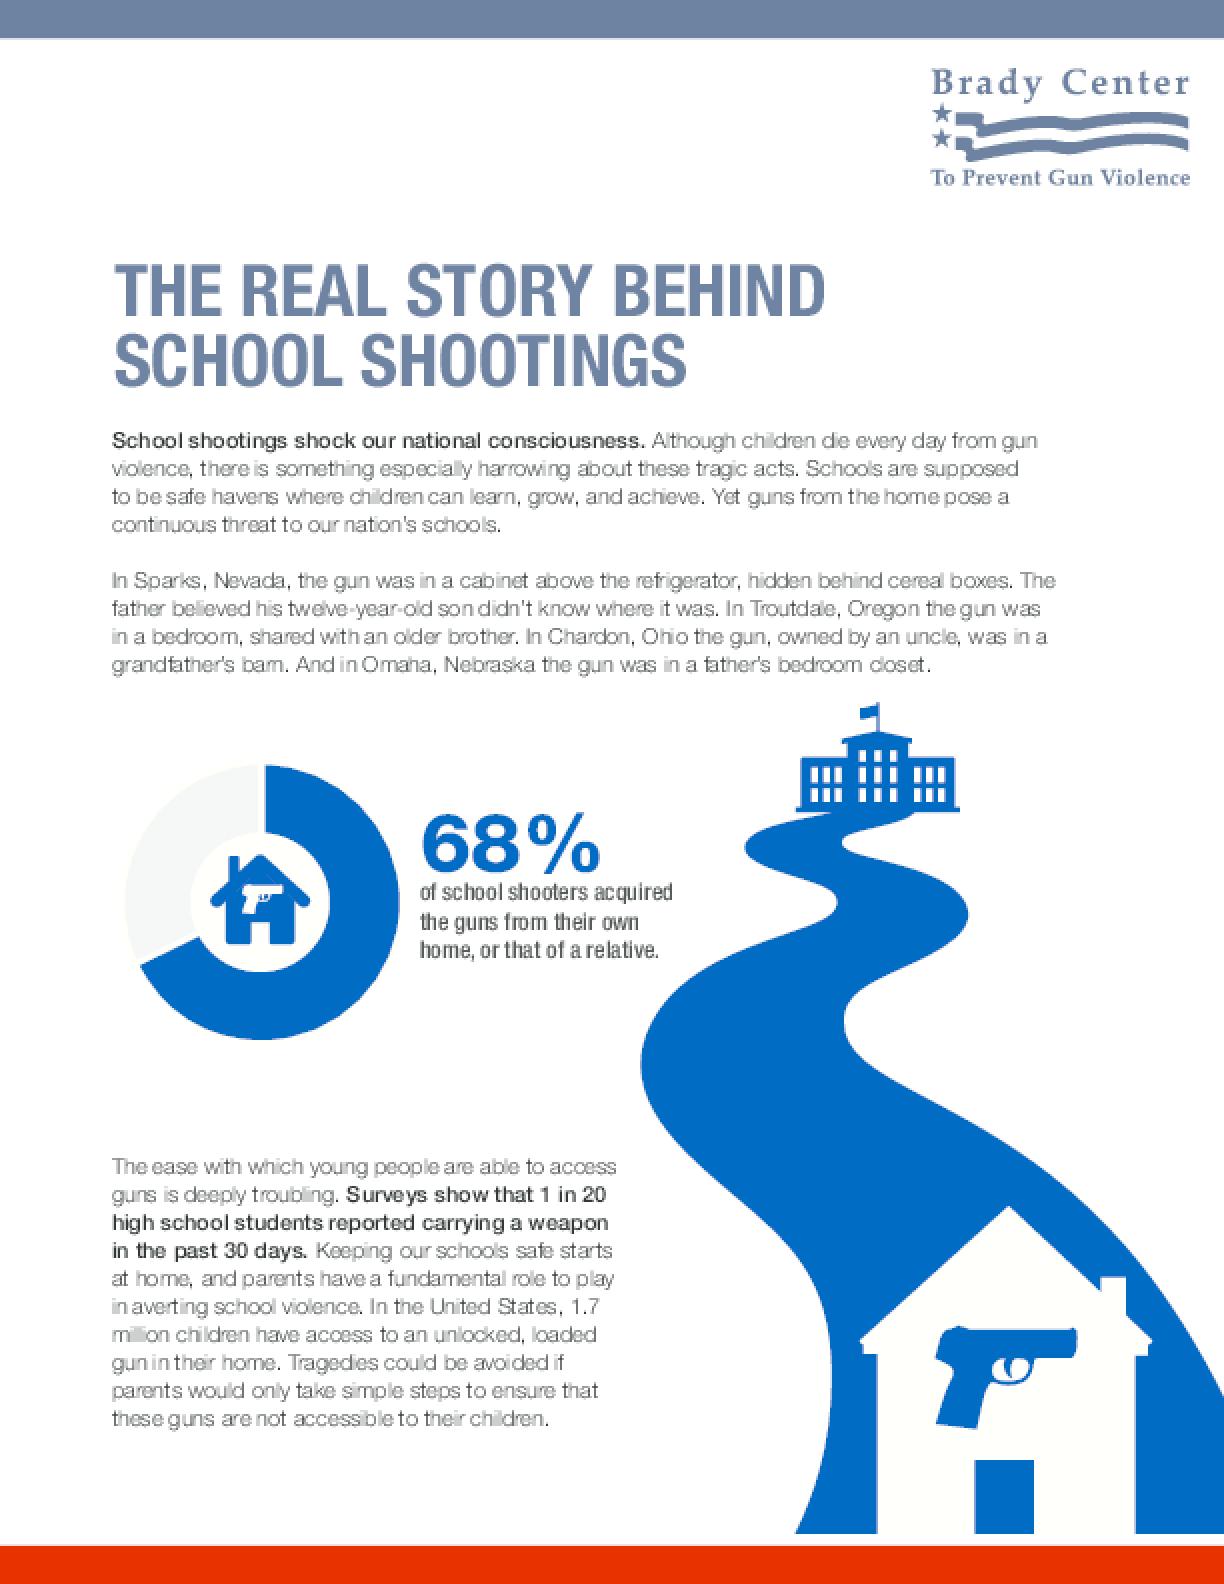 The Real Story Behind School Shootings